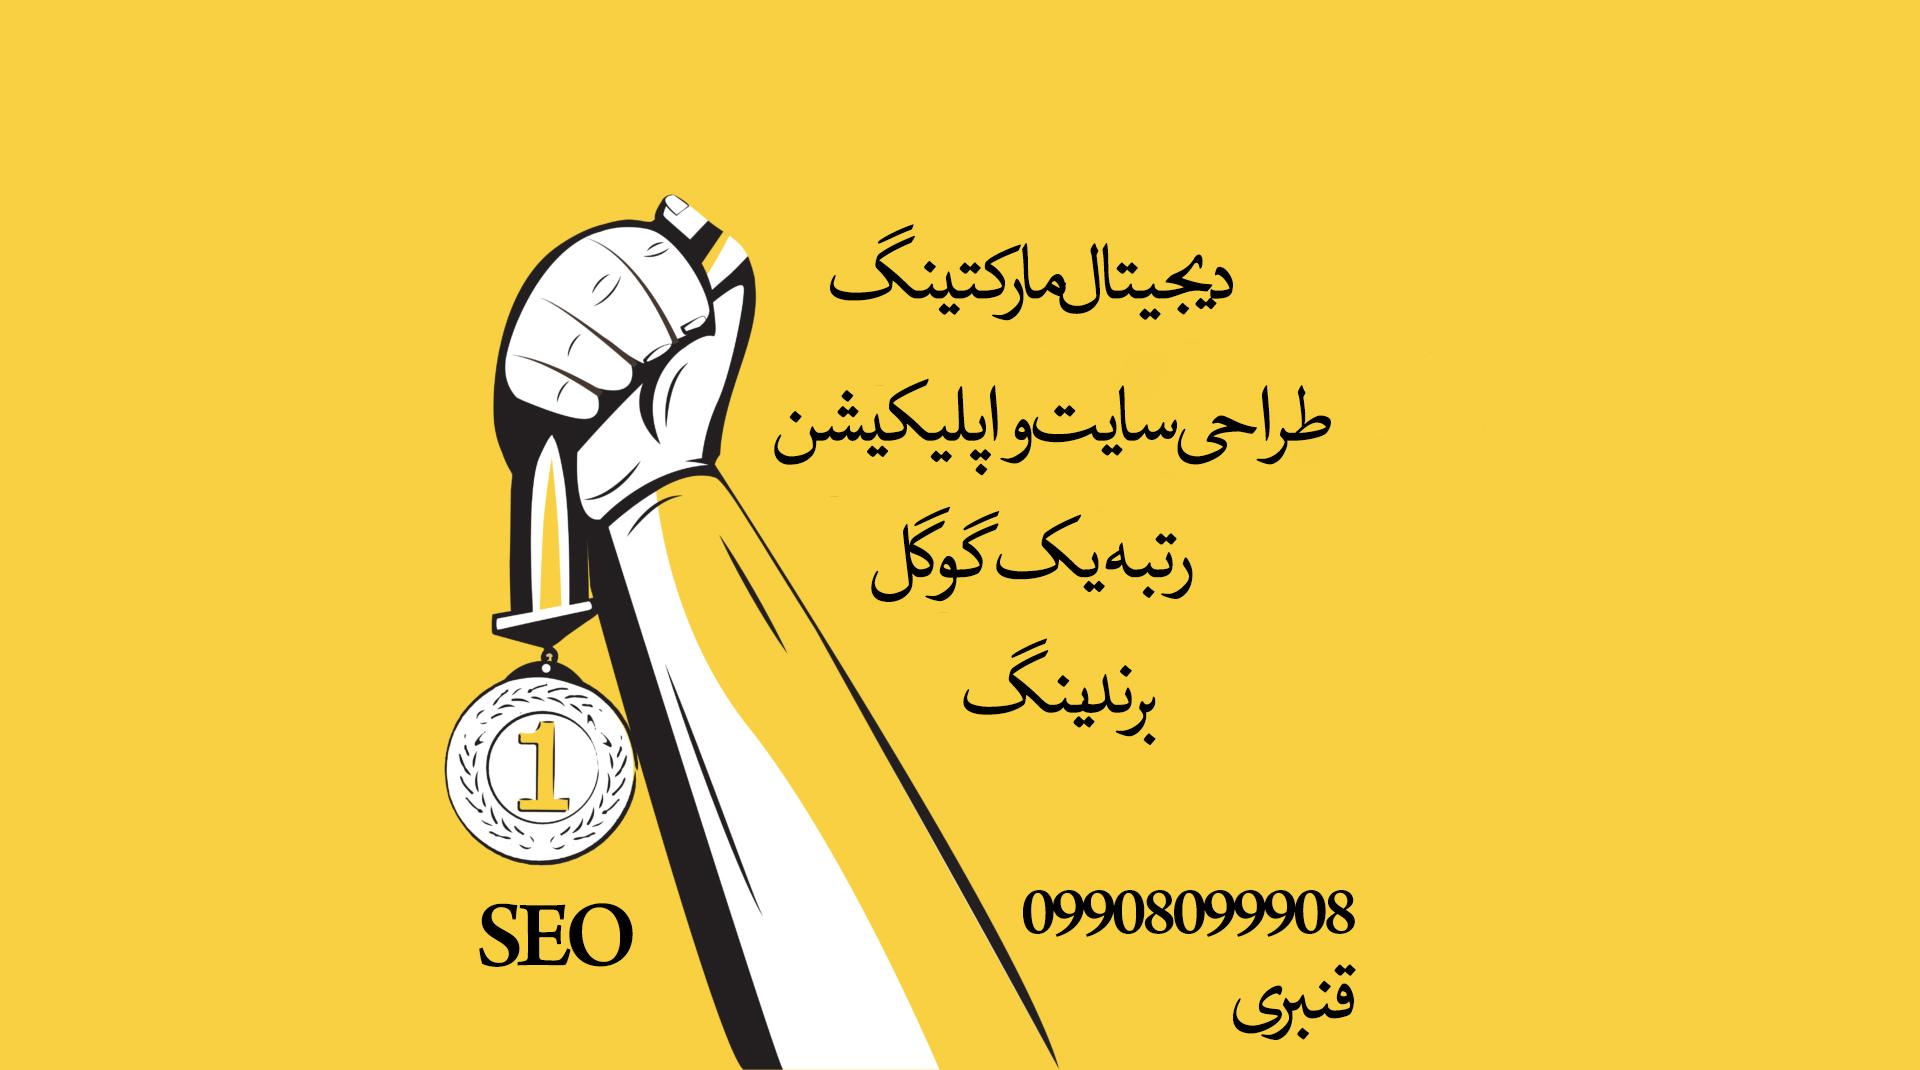 طراحی سایت و اپلیکیشن و سئو در اسلامشهر